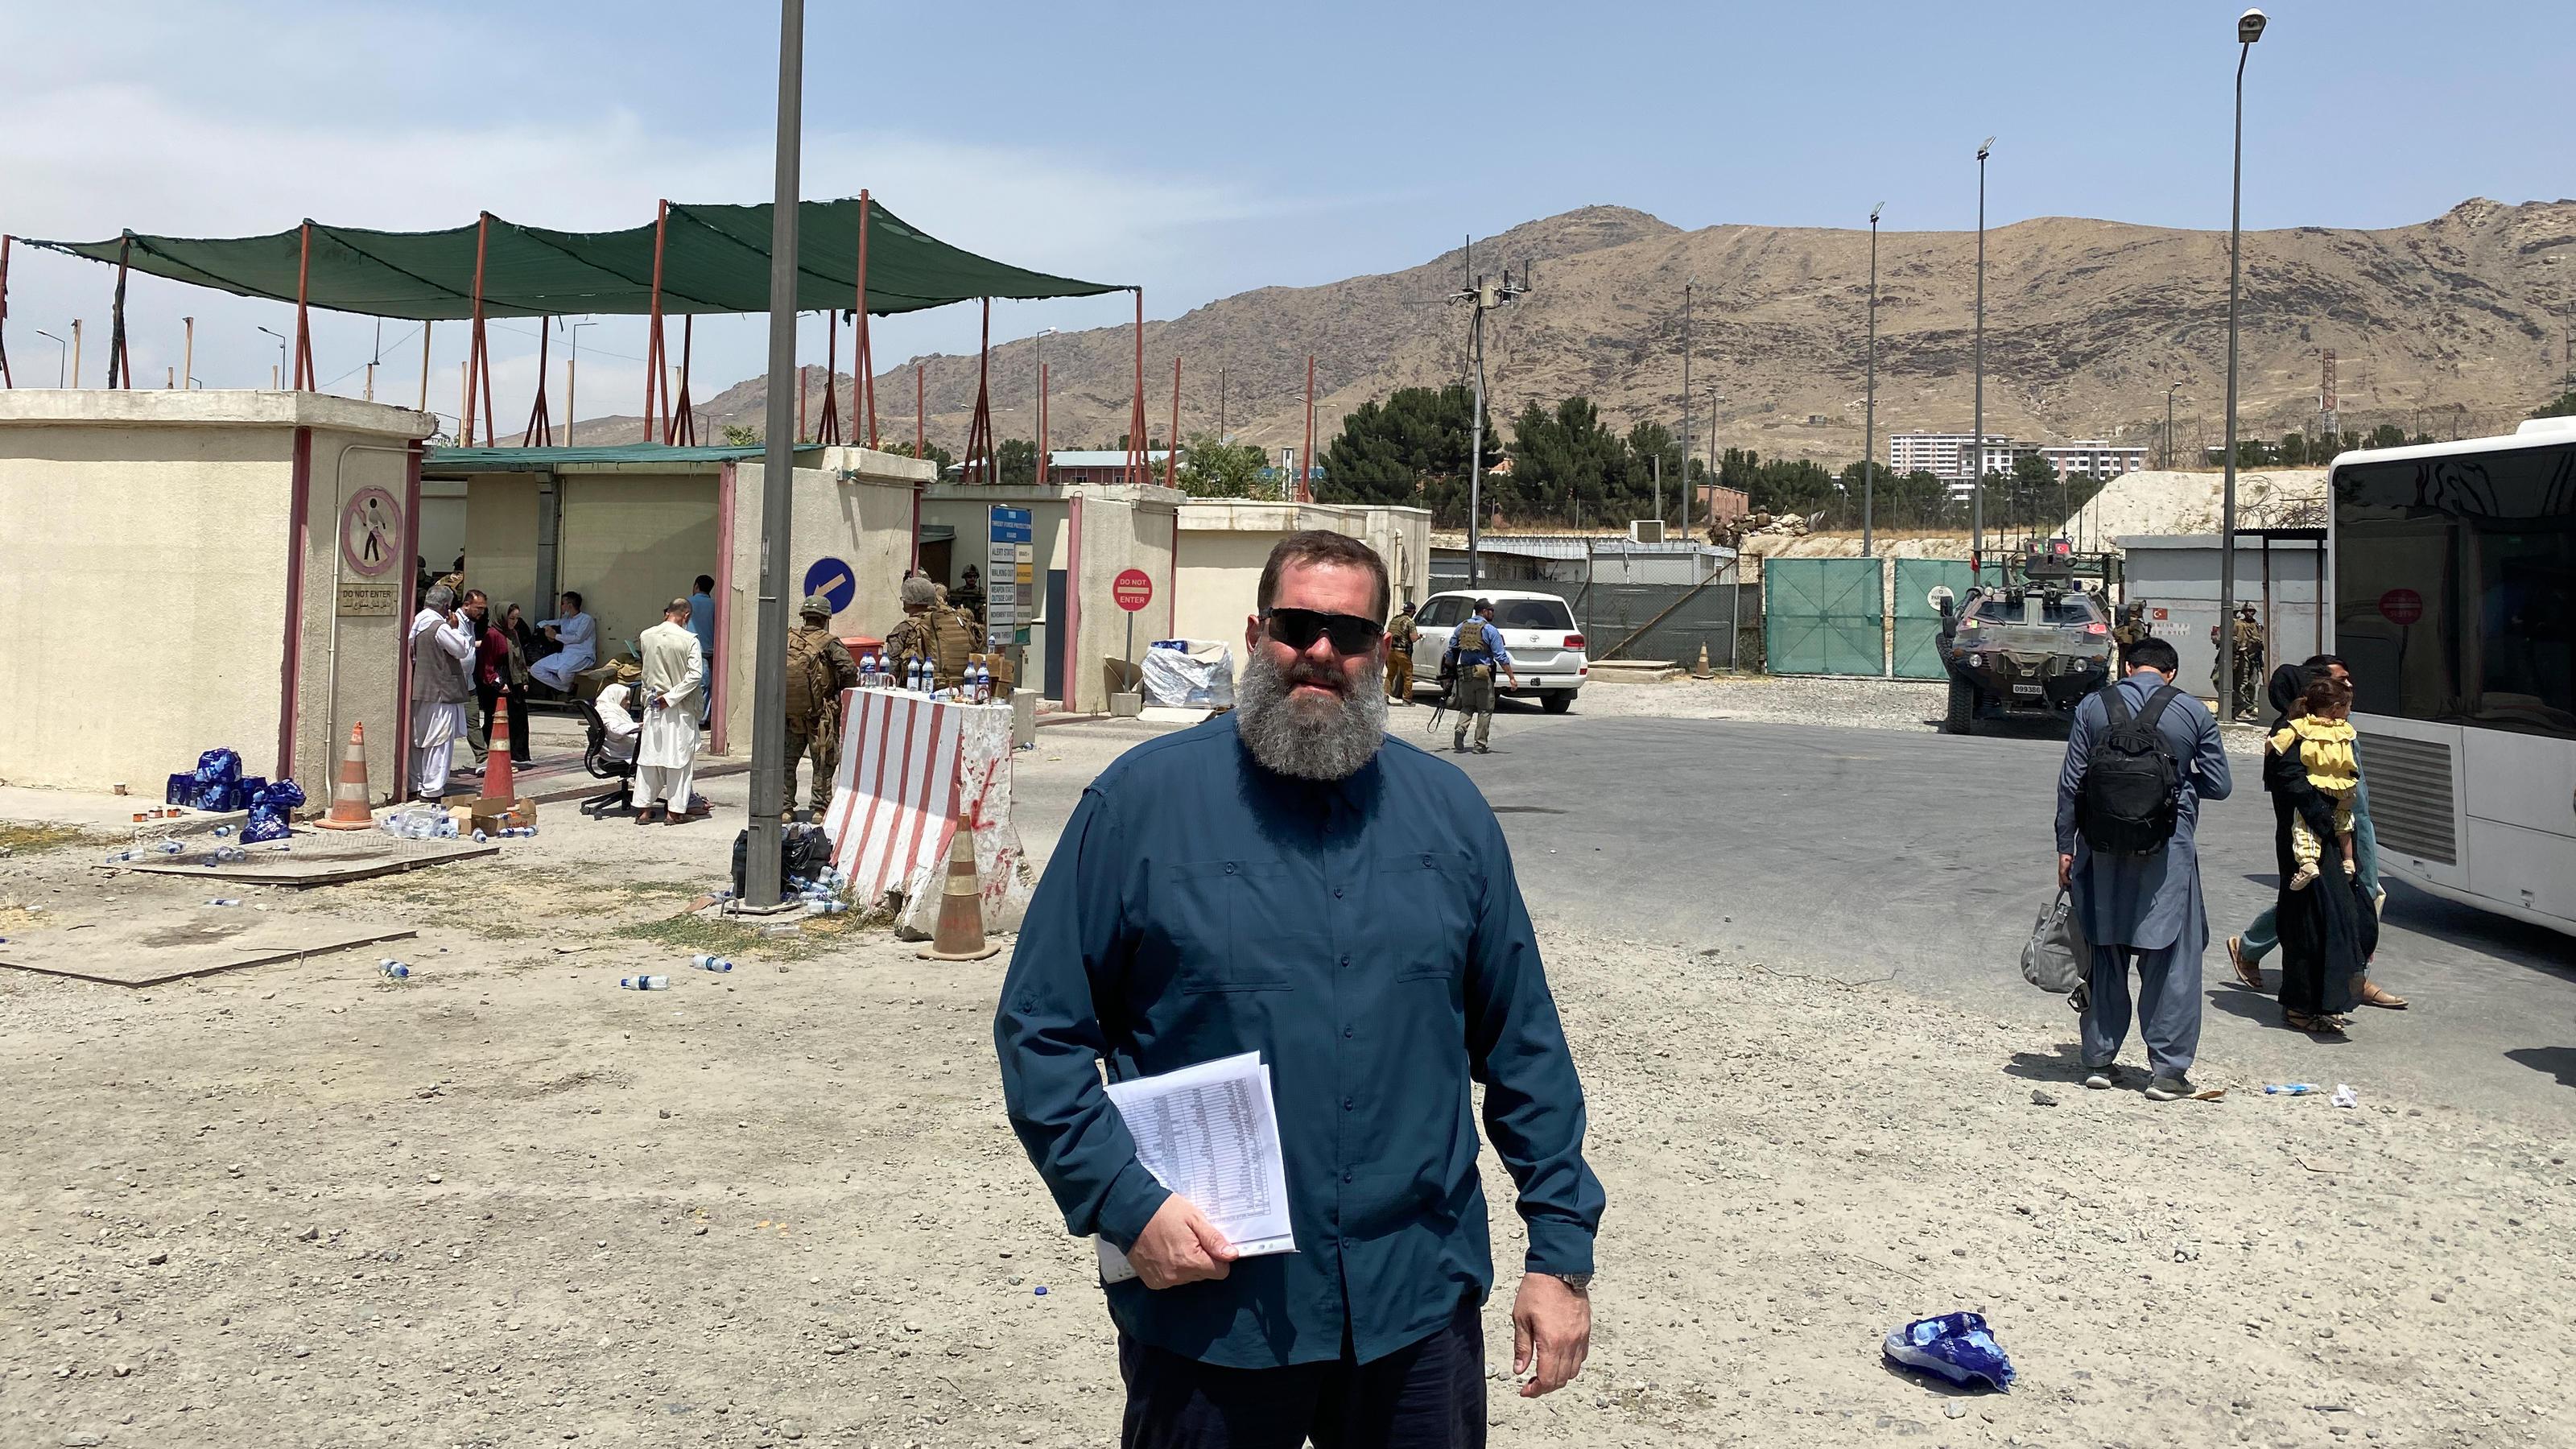 Als Taliban Kabul einnehmen: Deshalb entschied sich Christoph Klawitter, sich nicht evakuieren zu lassen